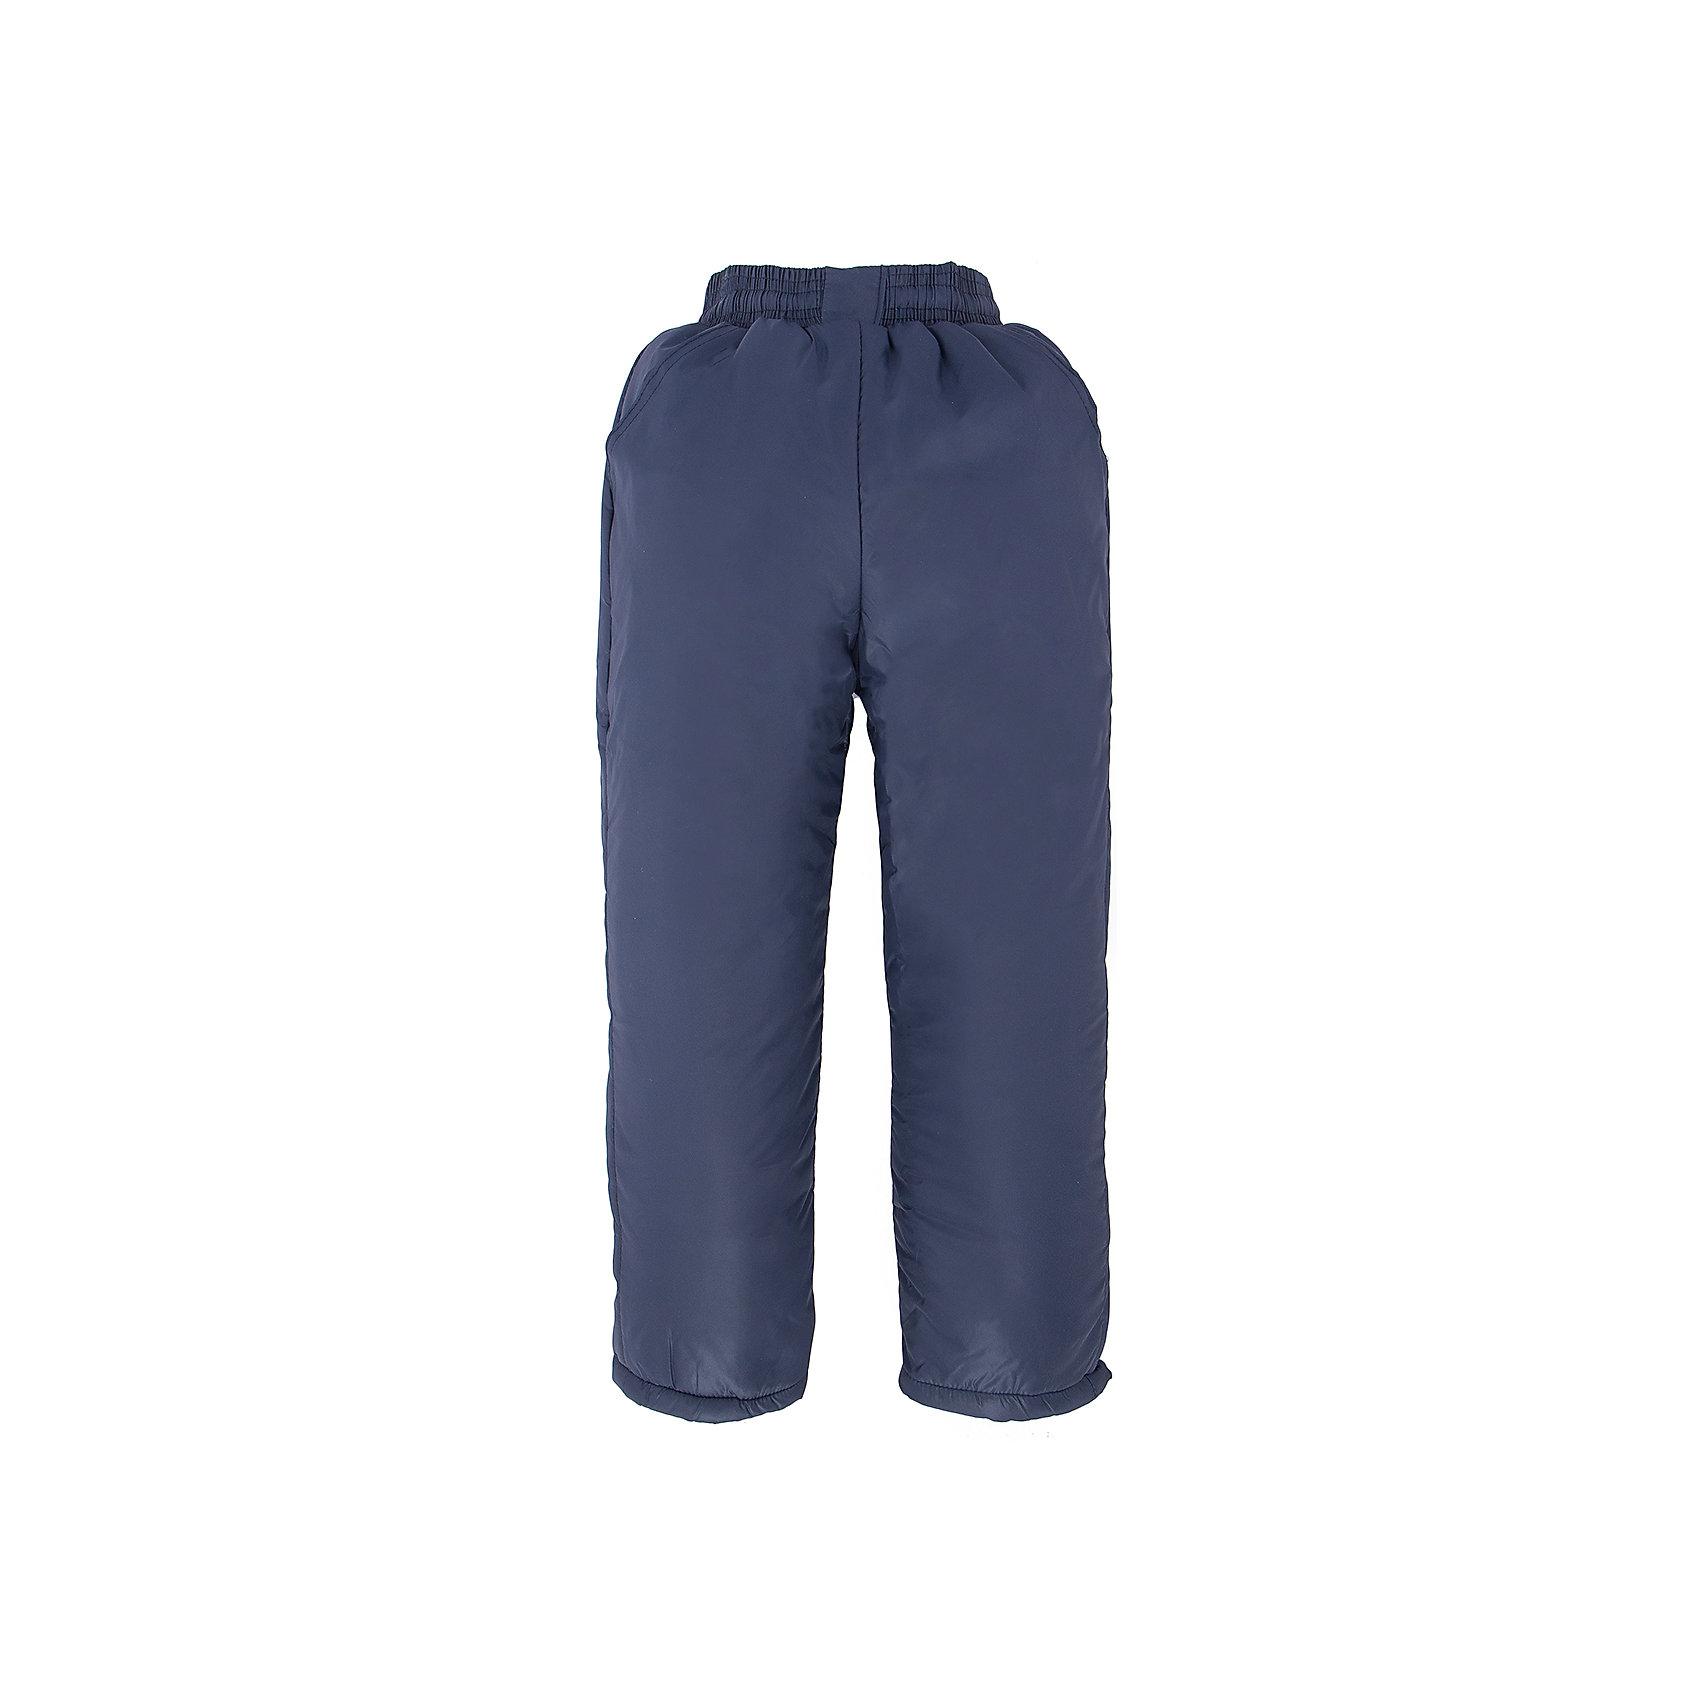 Брюки для мальчика DAUBERВерхняя одежда<br>Брюки для мальчика Dauber<br>Брюки для мальчика, на синтепоне. Высококачественный синтетический наполнитель 200гр/м?, который прекрасно сохраняет форму и восстанавливает её после любой деформации, влагоустойчив. Температурный режим: от +10 до-20 градусов. Брюки обеспечат тепло и уют, защитив ребёнка от холода и промокания. Грязеотталкивающие и за ними легко ухаживать. Изготовлены из быстросохнущего материала. <br>Состав: 100% полиэстер<br><br>Ширина мм: 215<br>Глубина мм: 88<br>Высота мм: 191<br>Вес г: 336<br>Цвет: синий<br>Возраст от месяцев: 60<br>Возраст до месяцев: 72<br>Пол: Мужской<br>Возраст: Детский<br>Размер: 116,104,98,110<br>SKU: 4862286